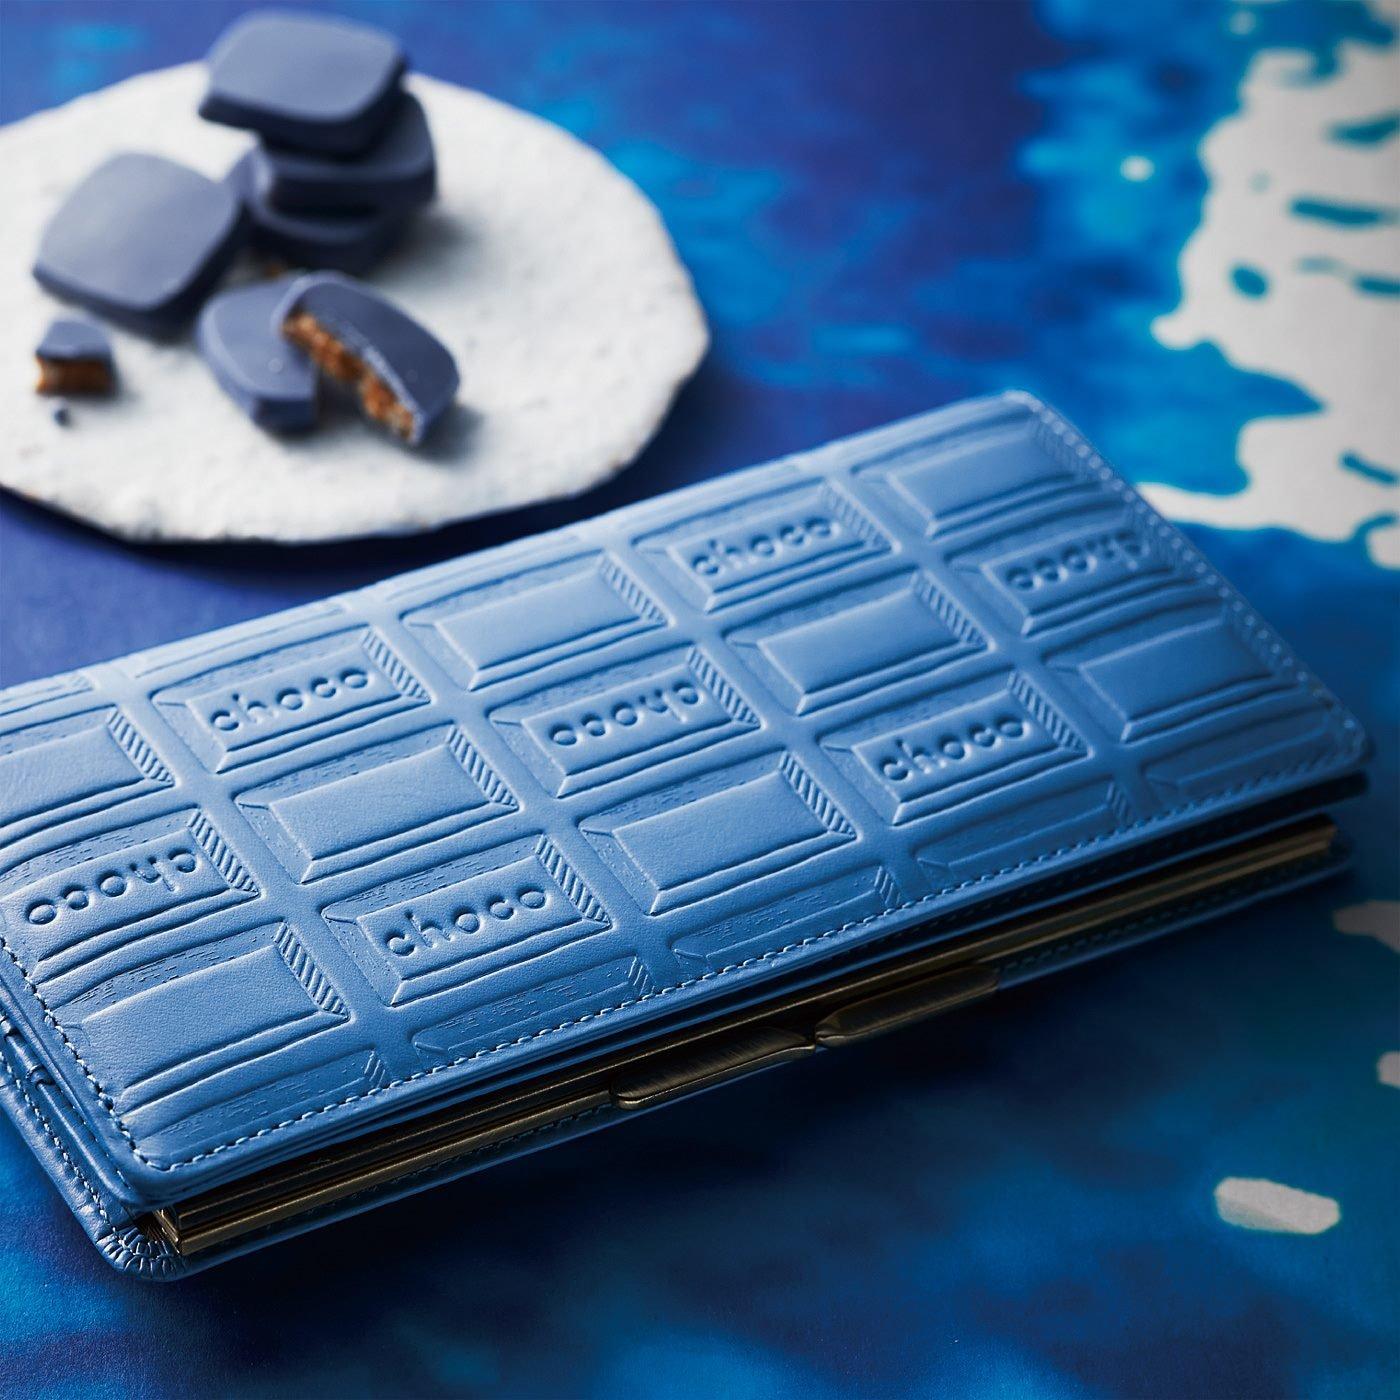 職人本革のがま口付き板チョコ長財布〈エクセレントブルー〉 [本革 財布:日本製]